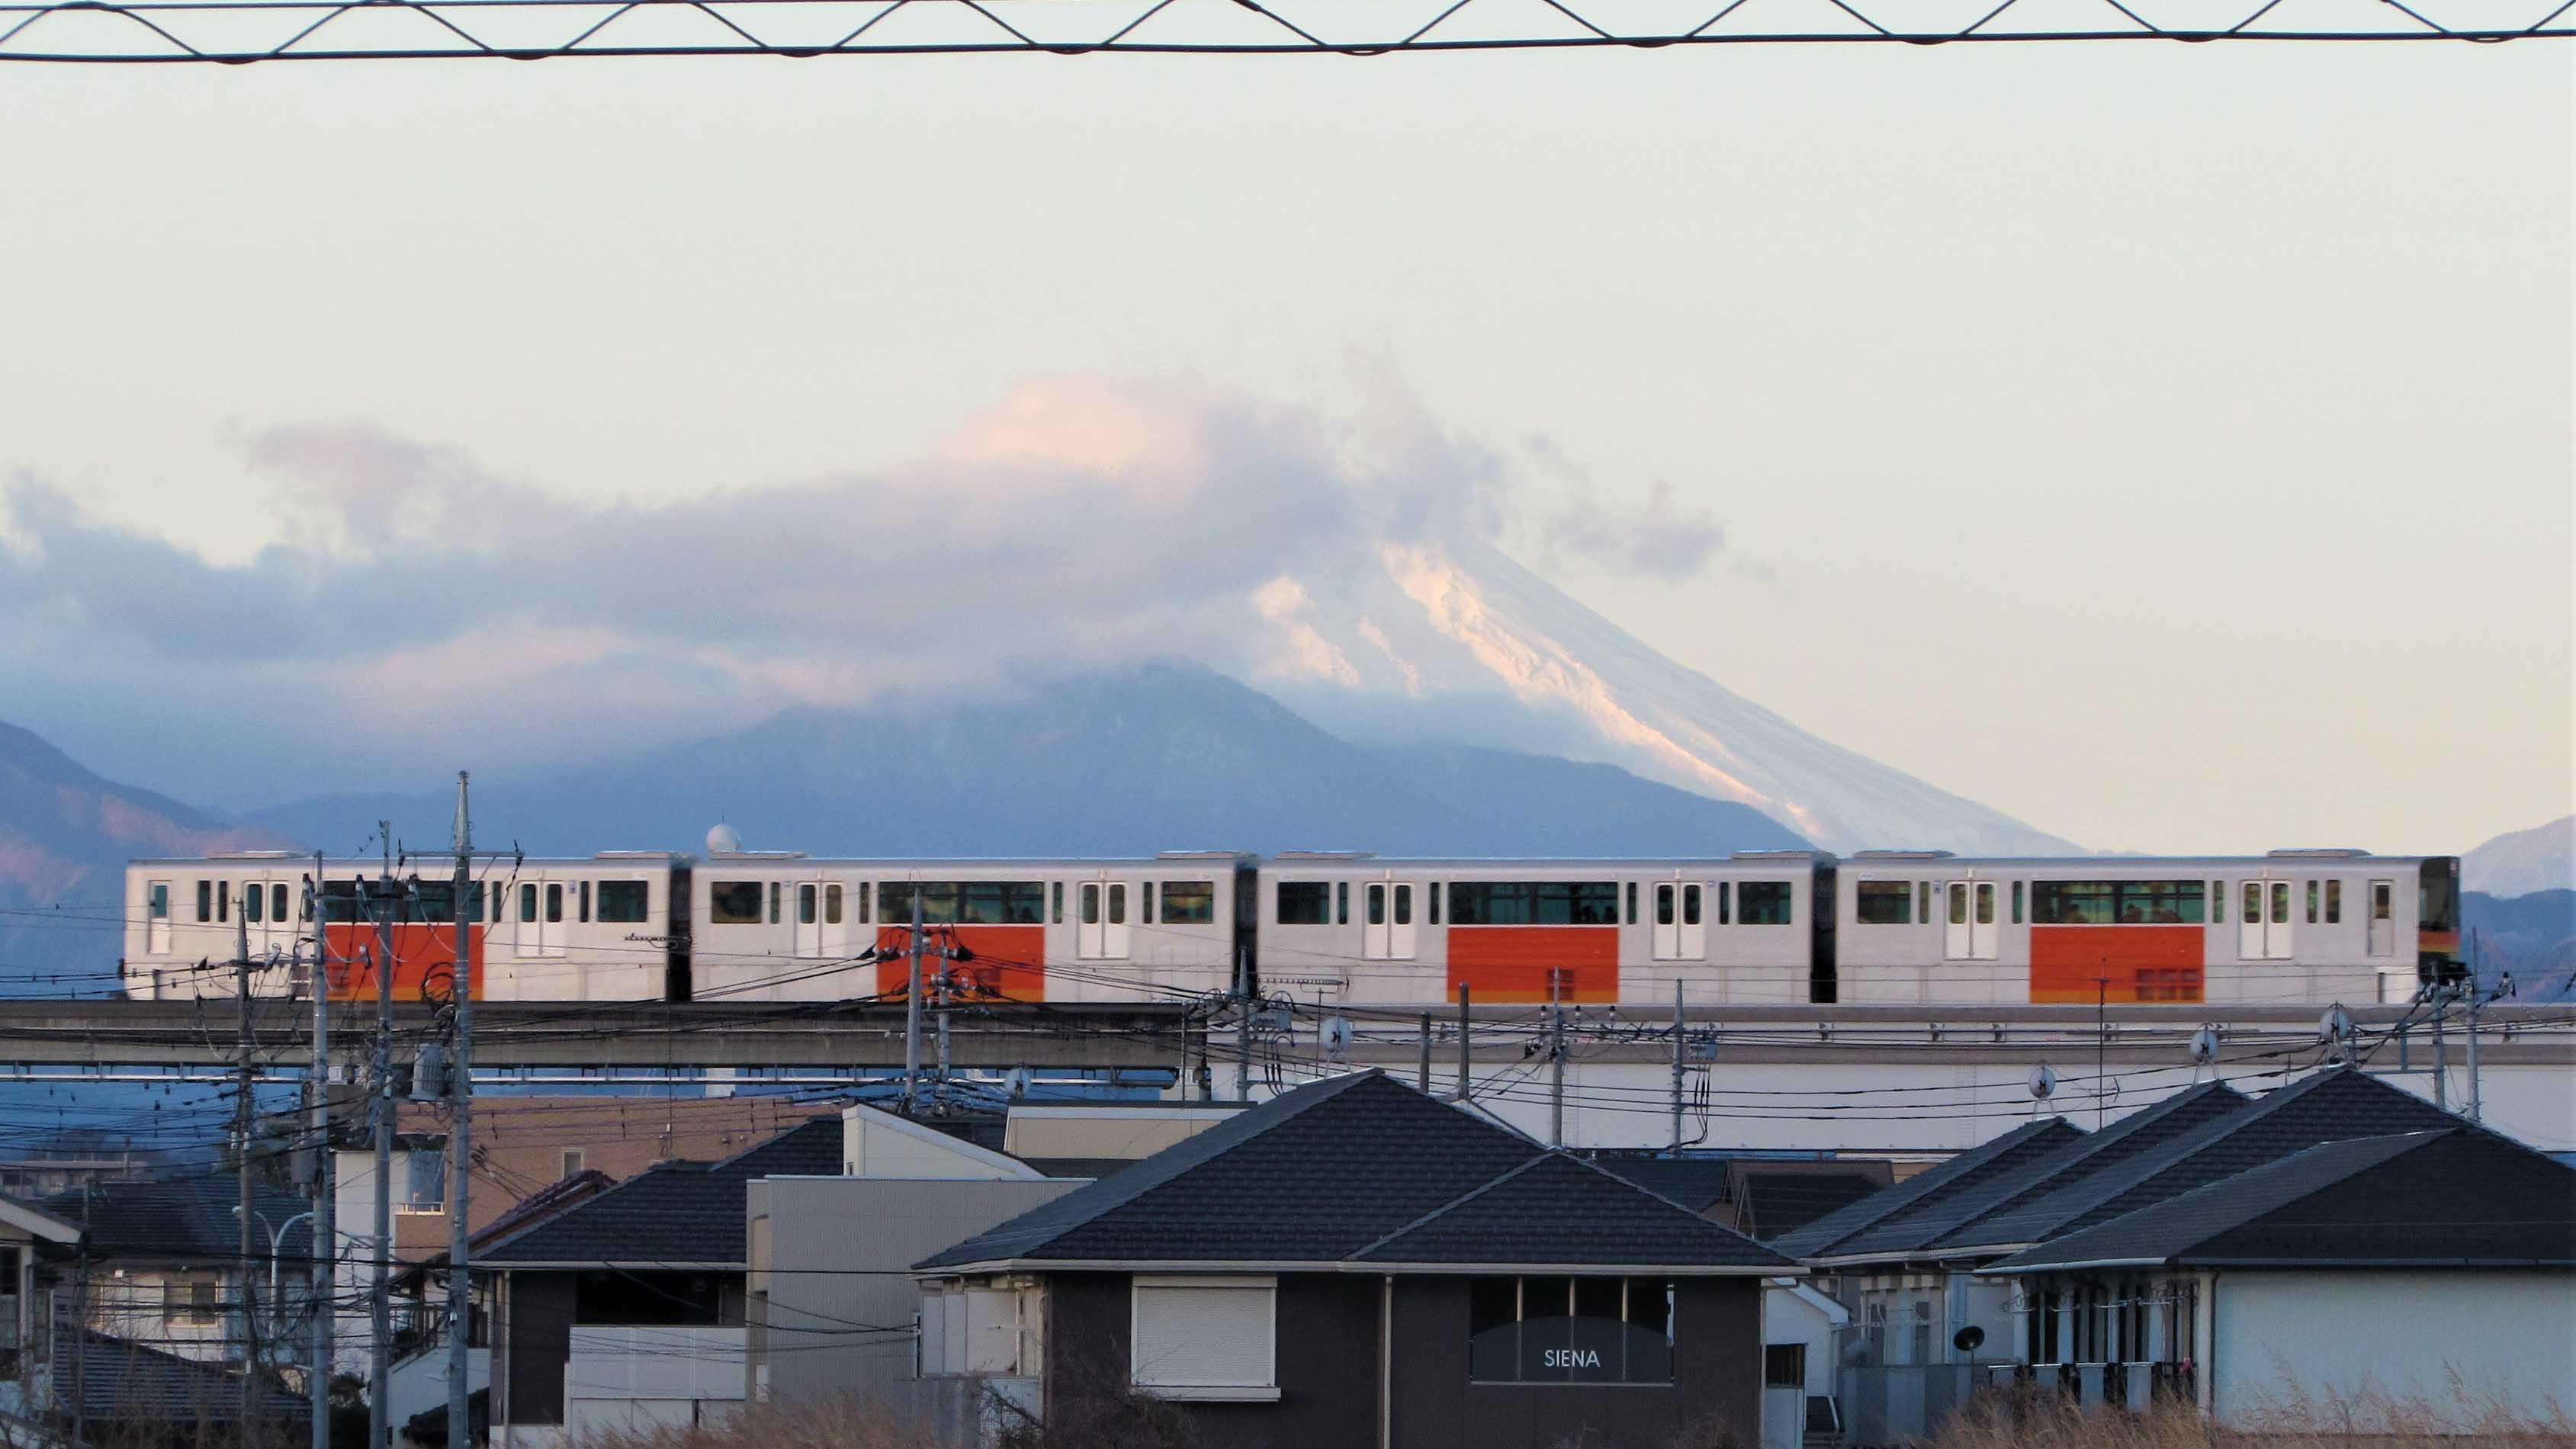 Tama Toshi Monorail Mount Fuji